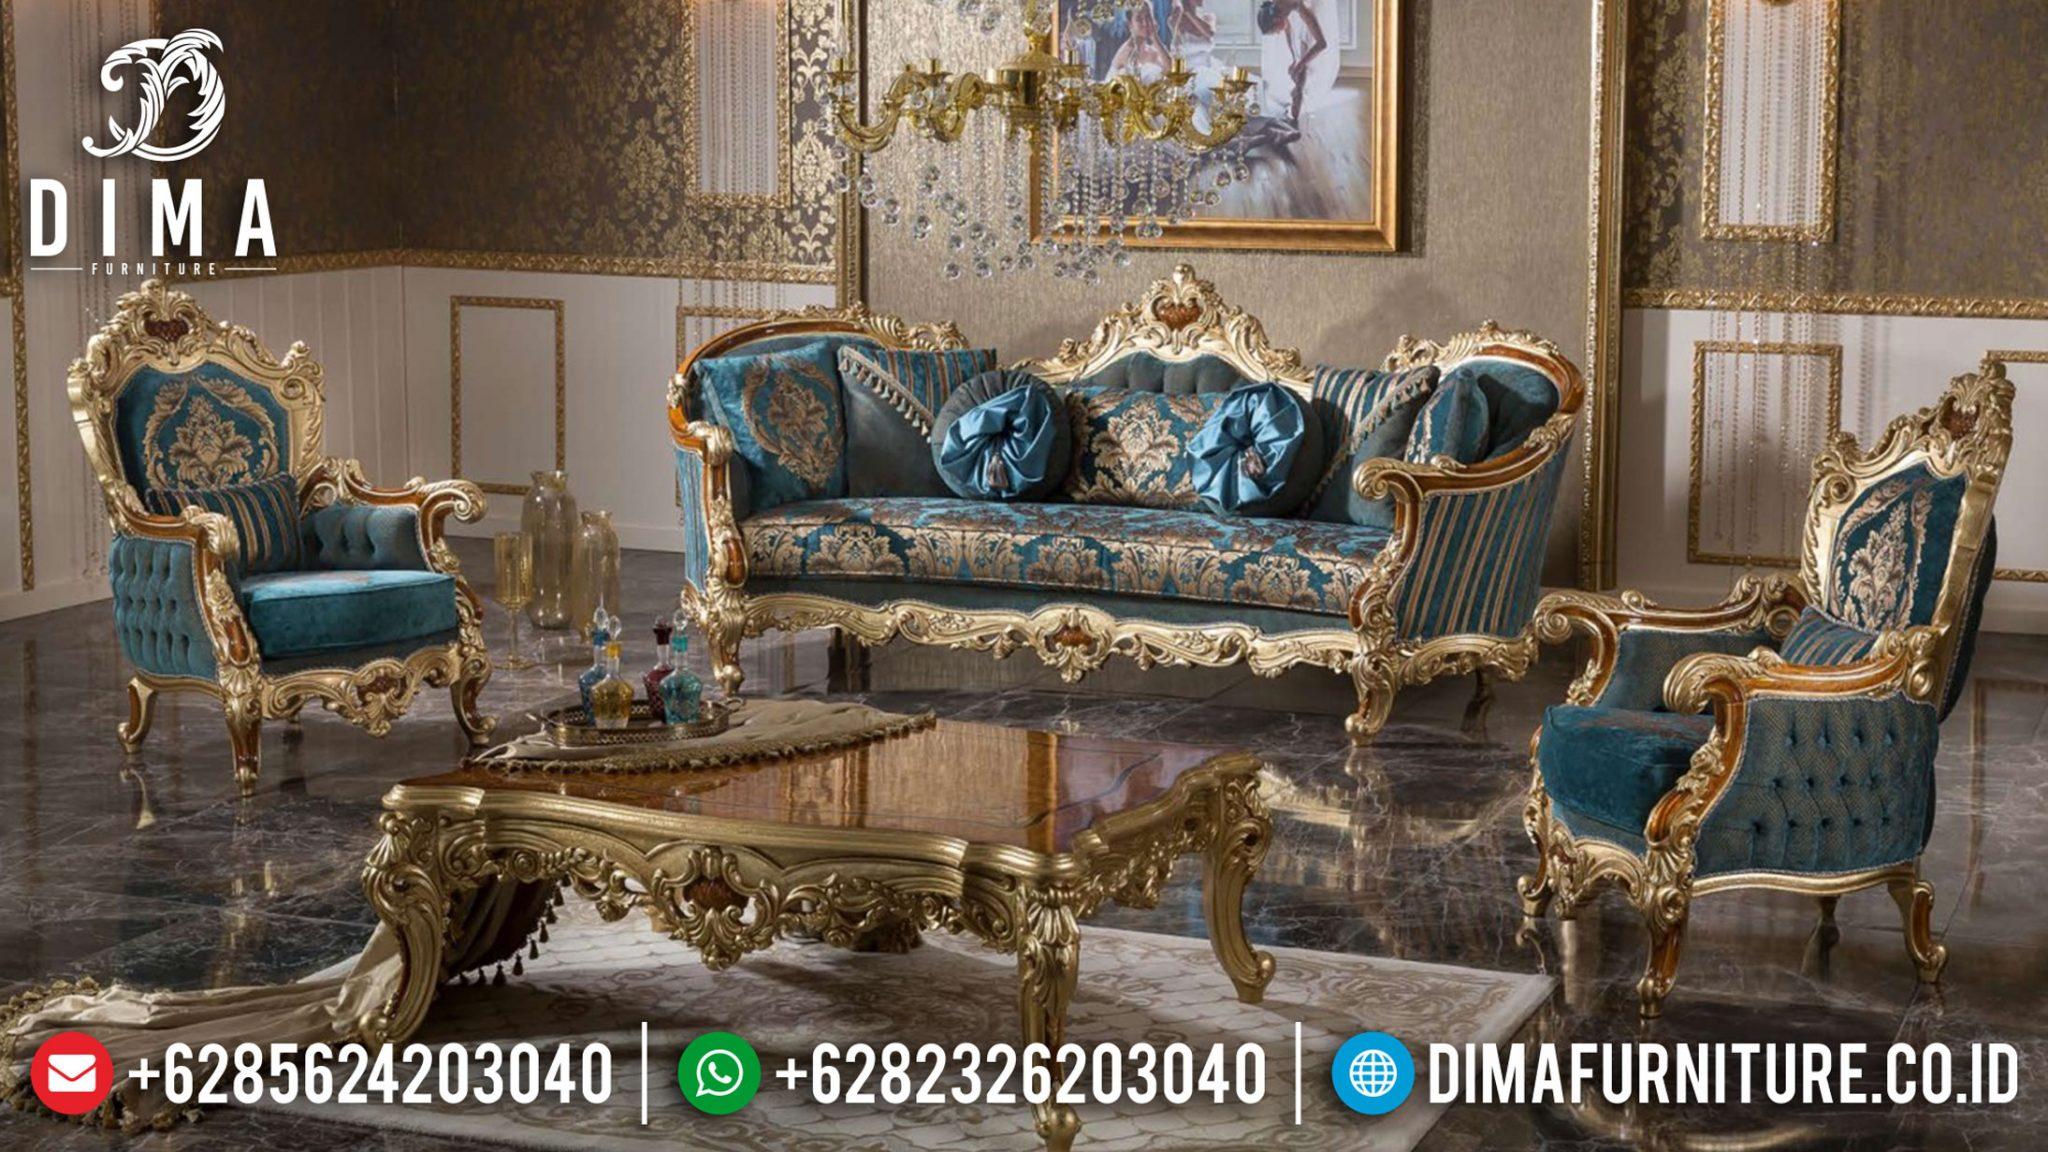 Jual Sofa Tamu Mewah Terlaris Design Luxury Classic Natural Combine TTJ-0988